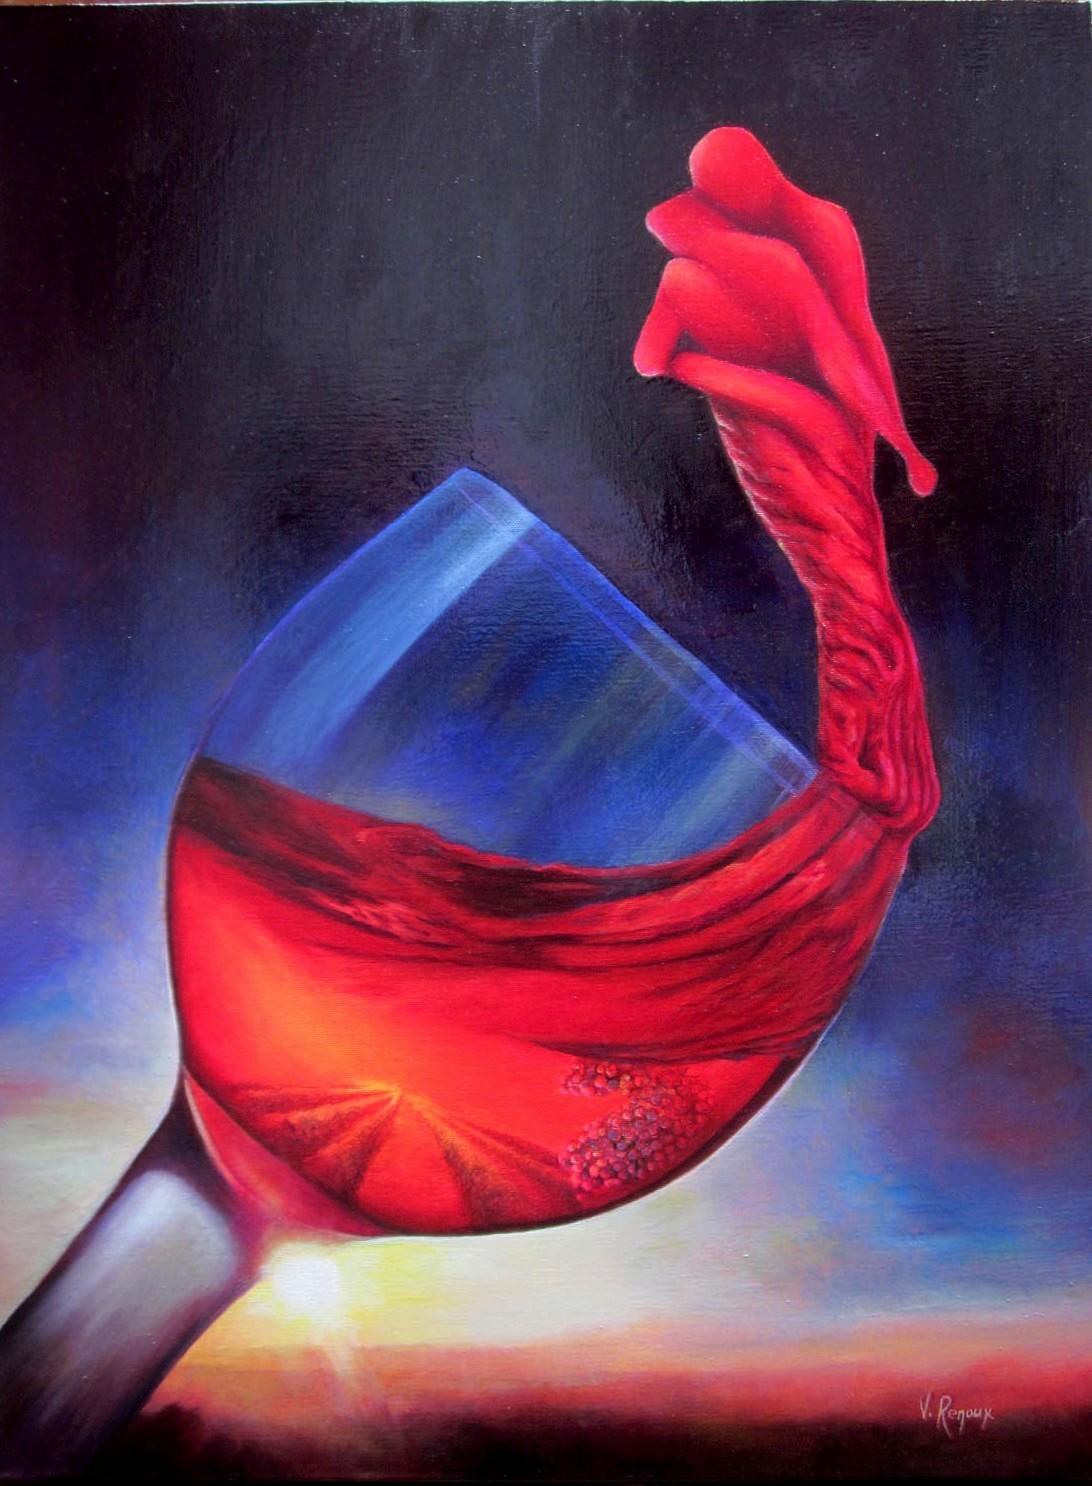 Le vin des amants